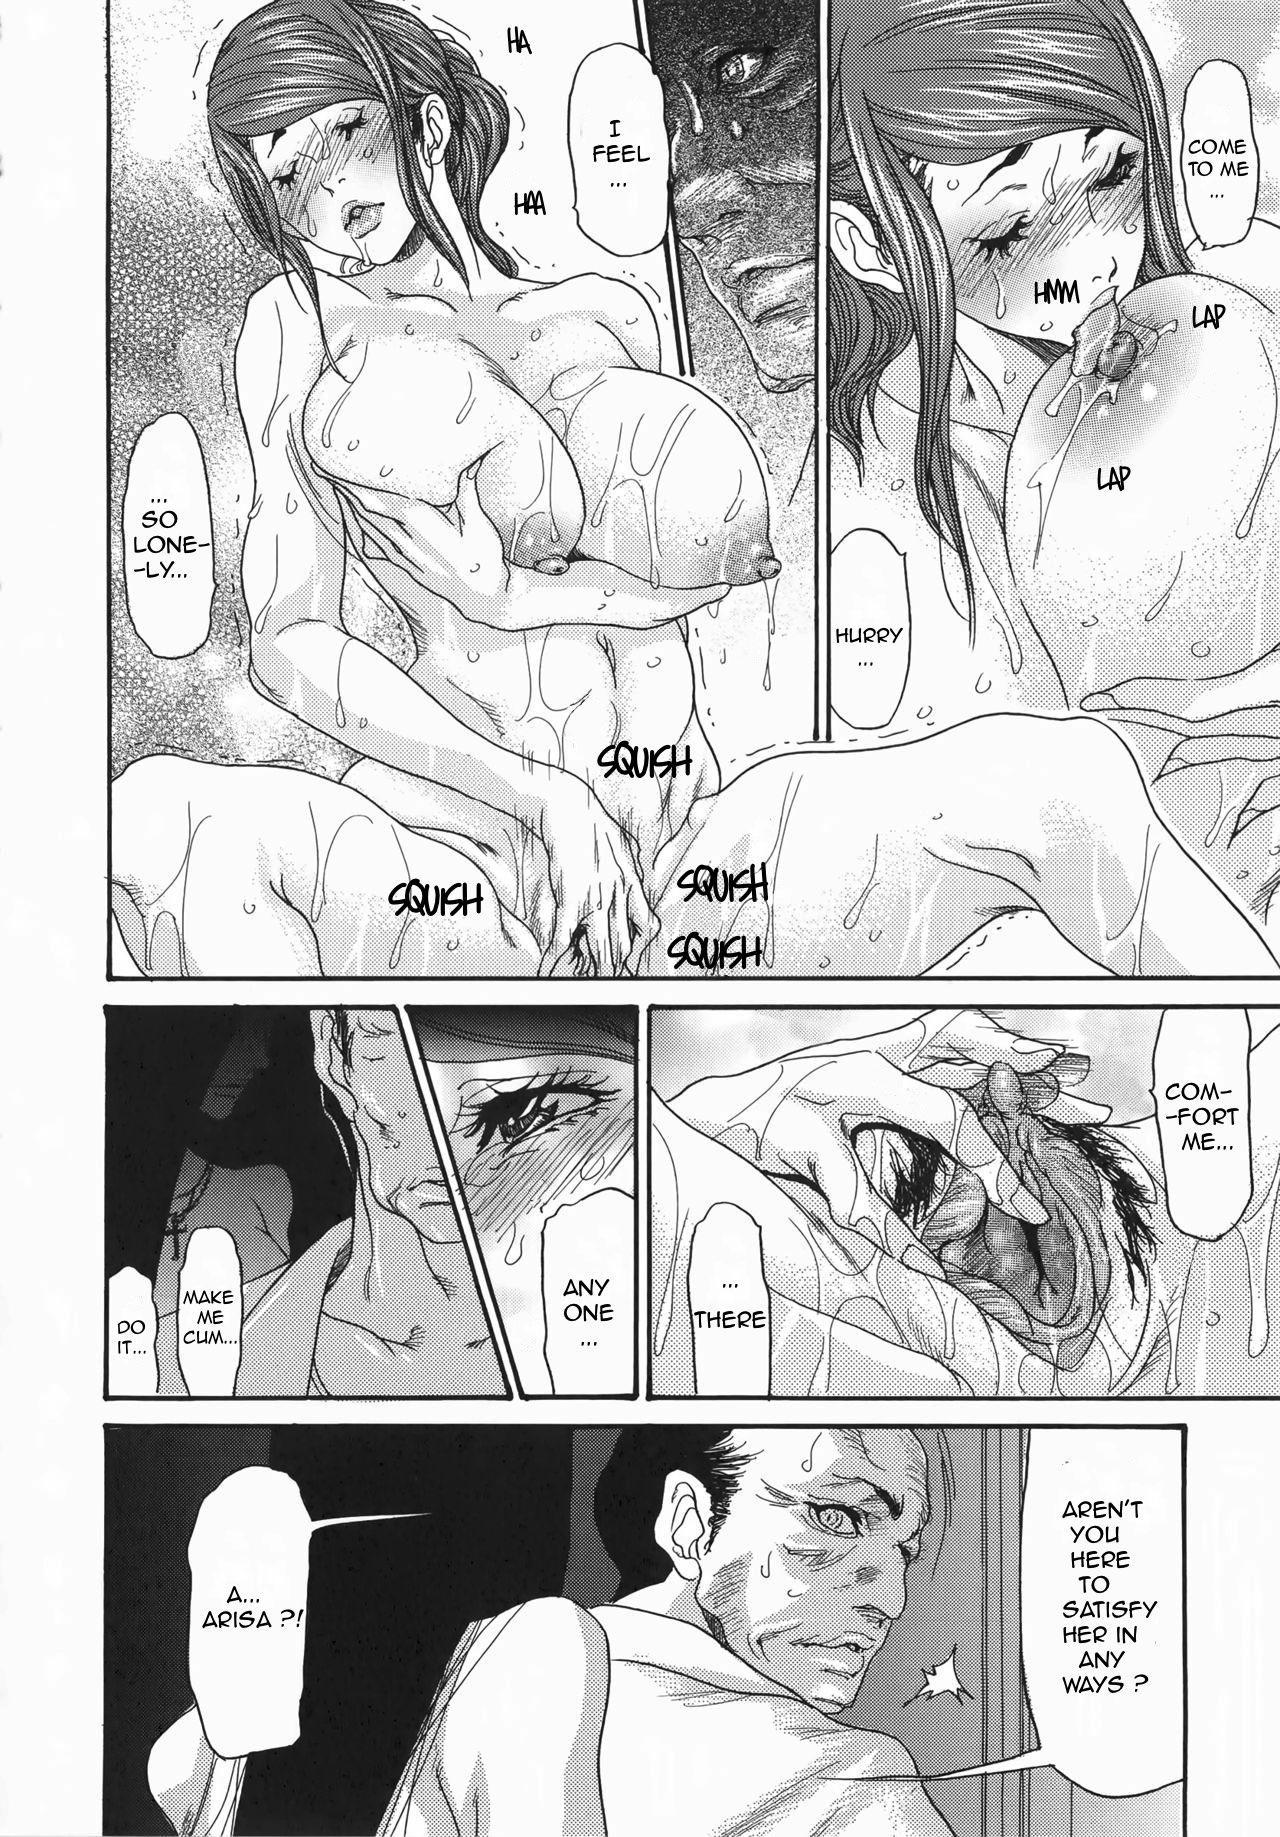 [Aoi Hitori, Izayoi Seishin, Yamasaki Masato] Metamorphose ~Celeb Zuma no Seien~ Ch. 1-8 [English][Decensored] [R-IC] 153